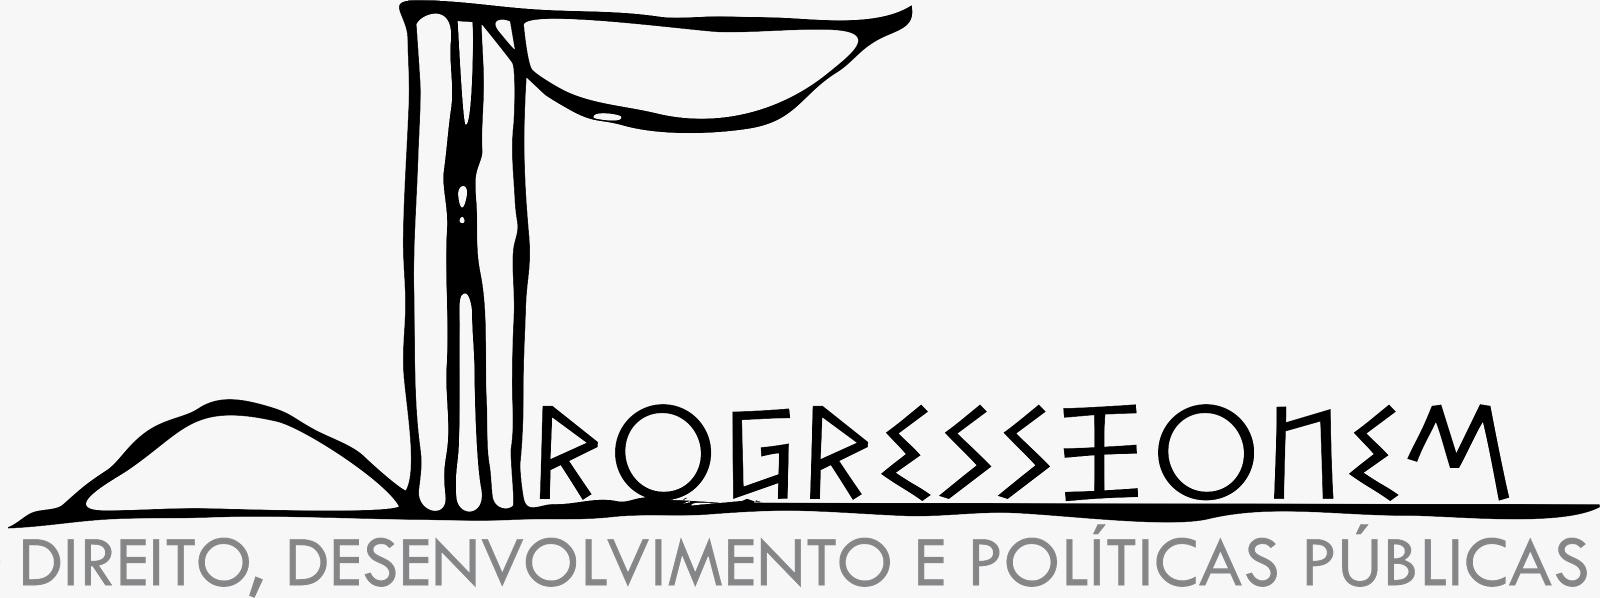 Direito, Desenvolvimento e Políticas Públicas - Progressionem